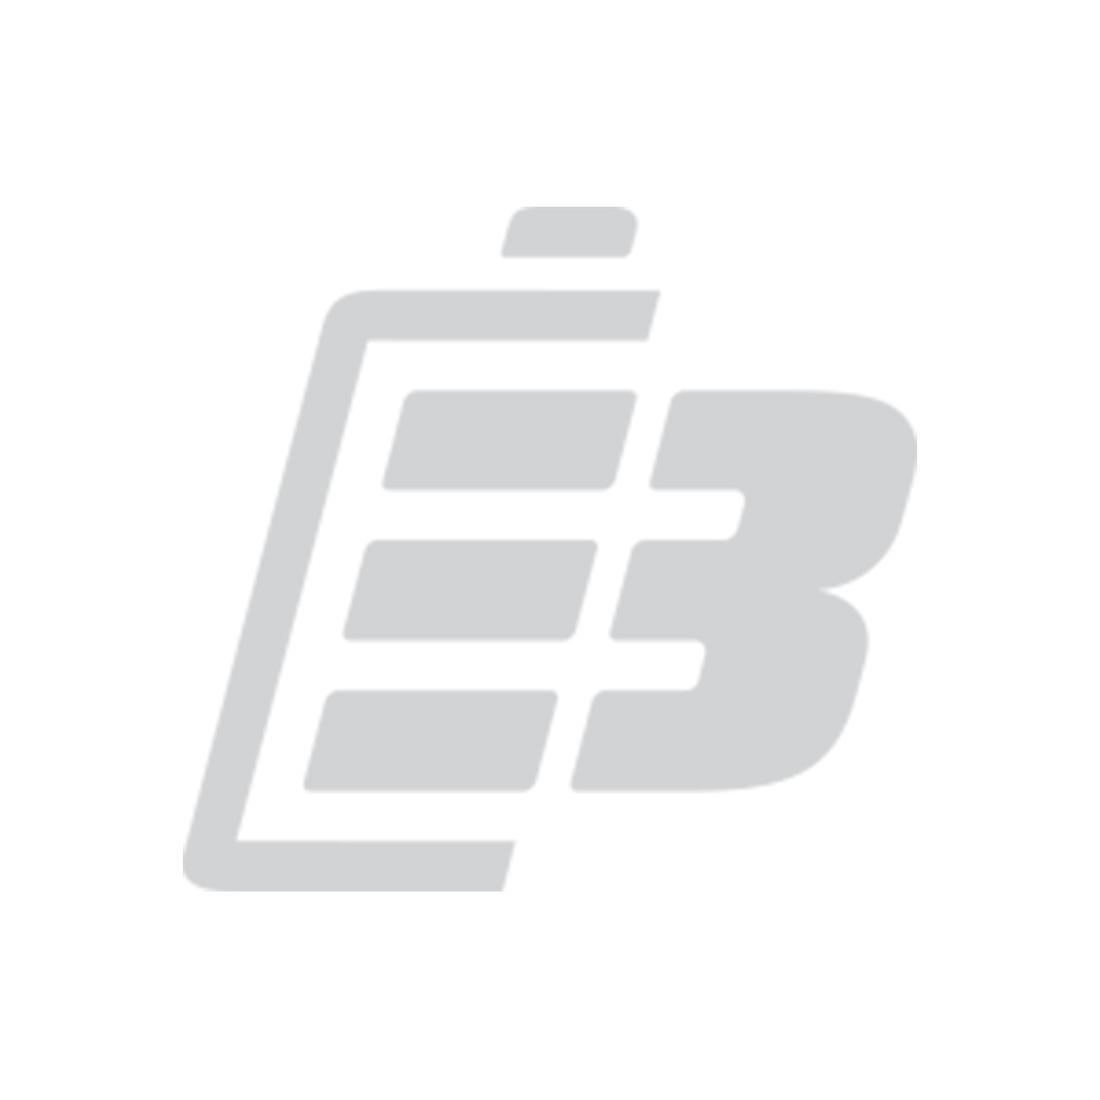 MPD Battery Holder 2_D_1